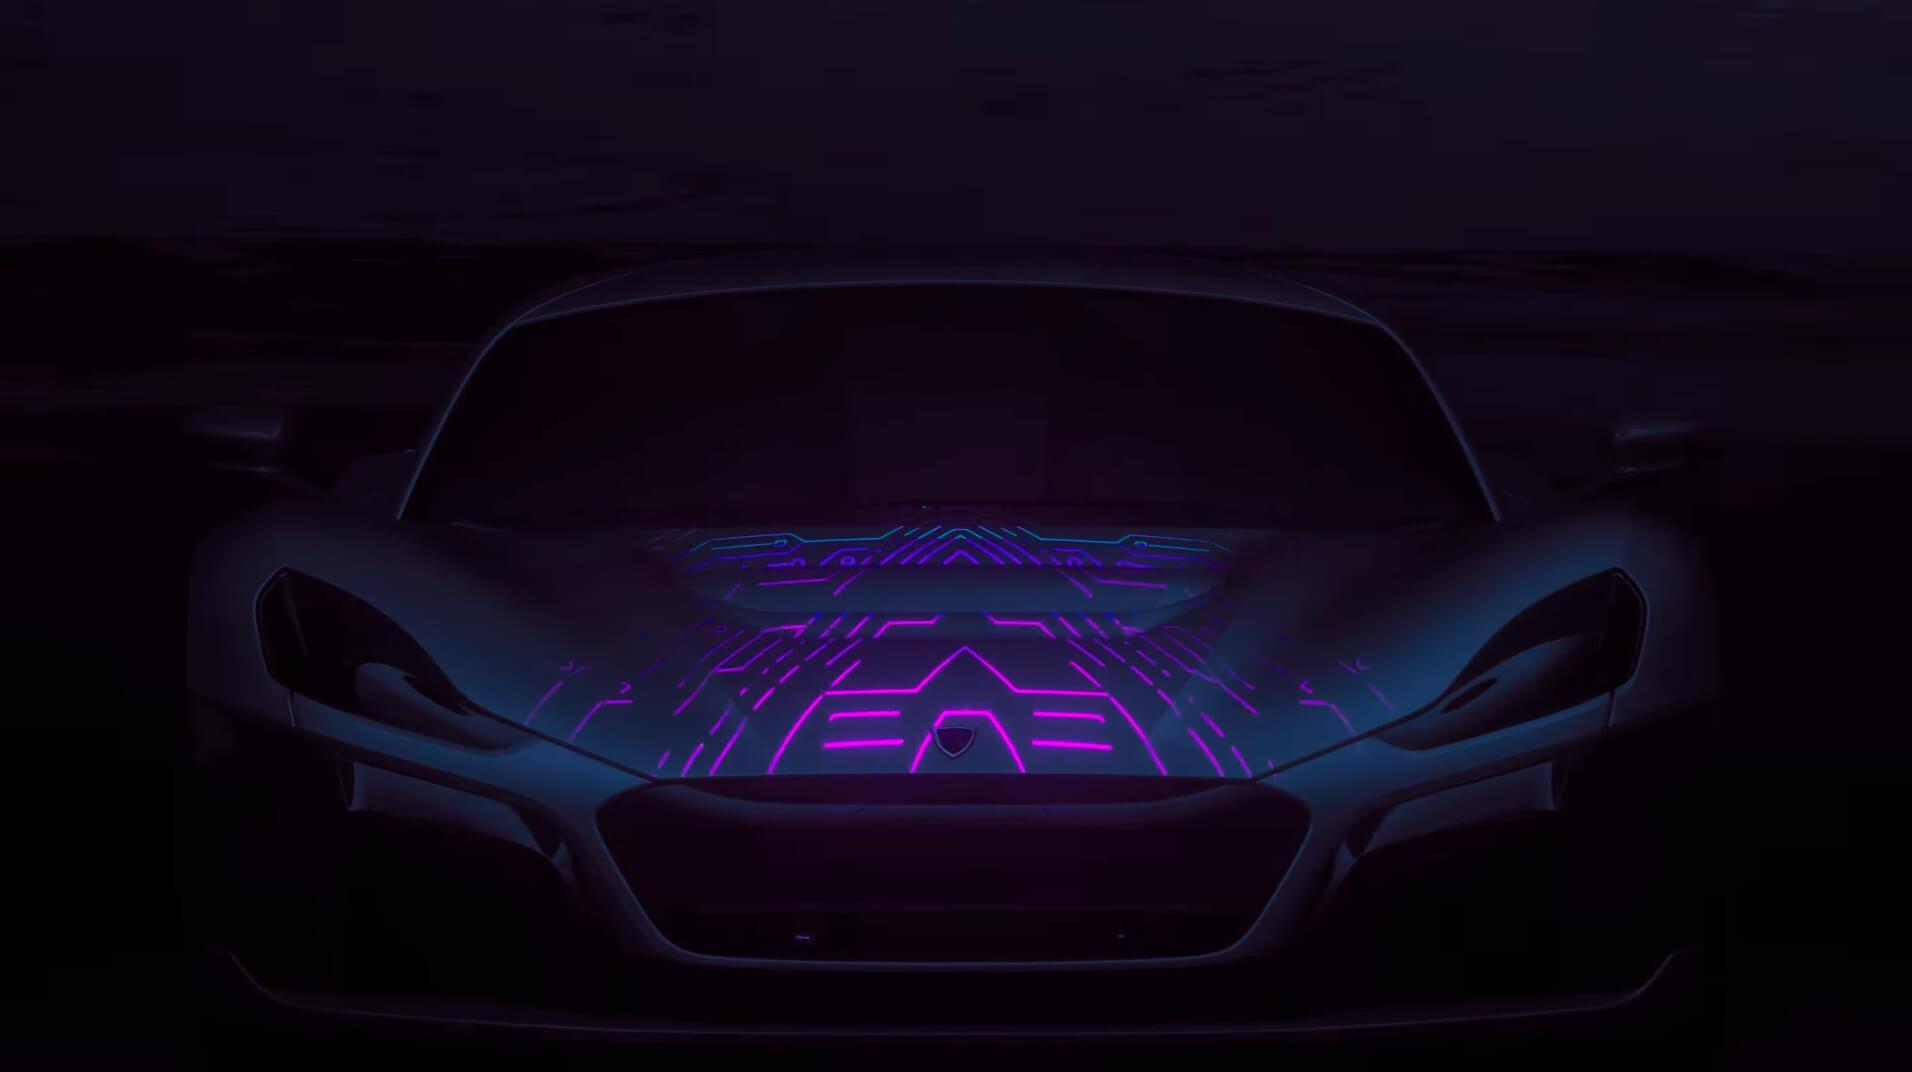 Тизер спорткара Rimac Concept_Two